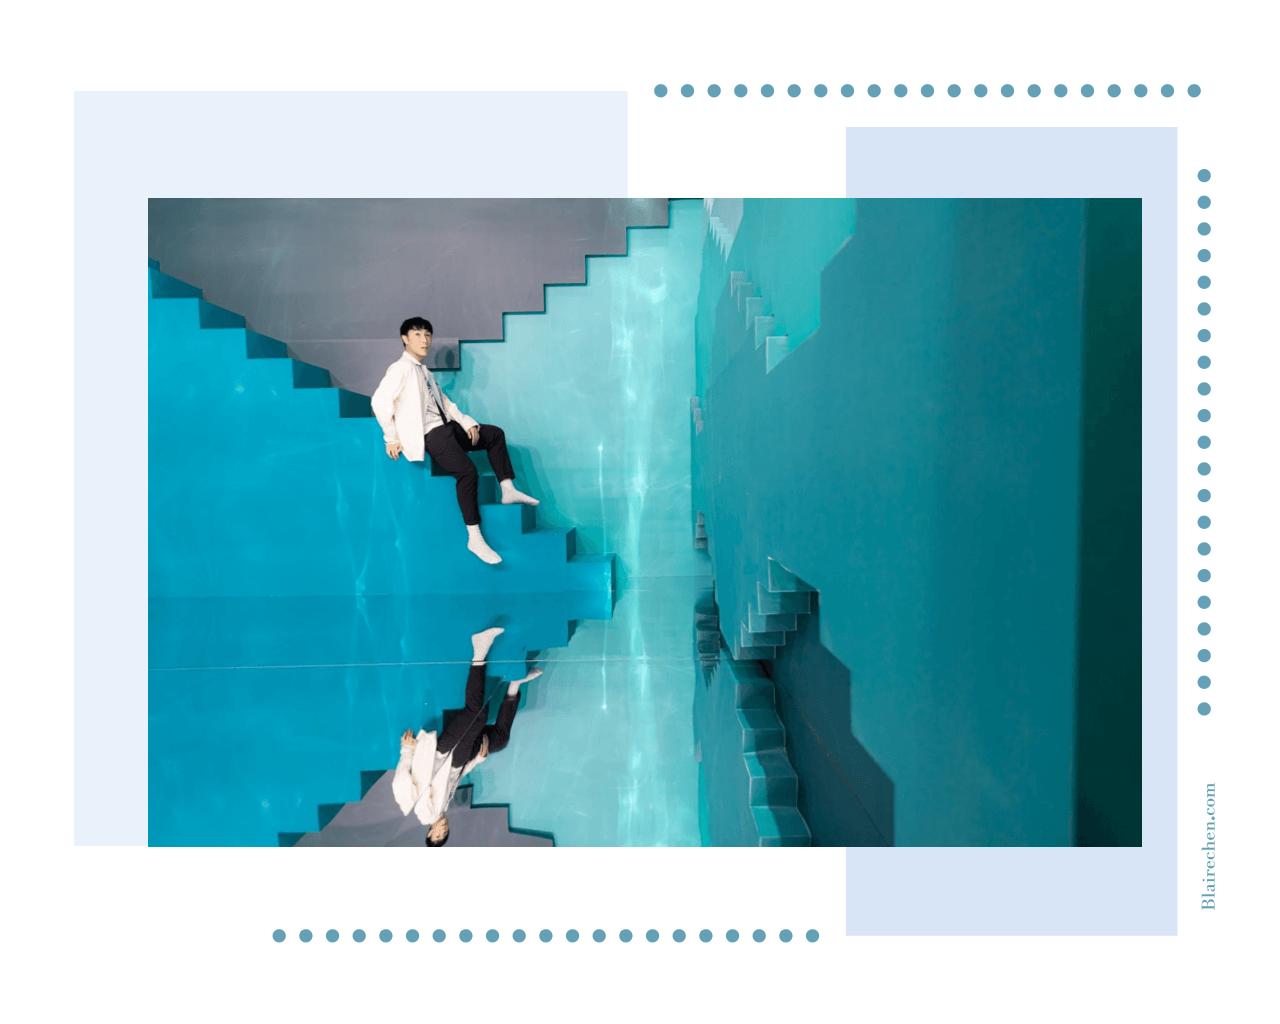 【台北展覽推薦】|色廊展 Color Gallery 2.0 夢境製造所,12個顏色打造12種夢境,在華山強勢回歸,絕對不能錯過!